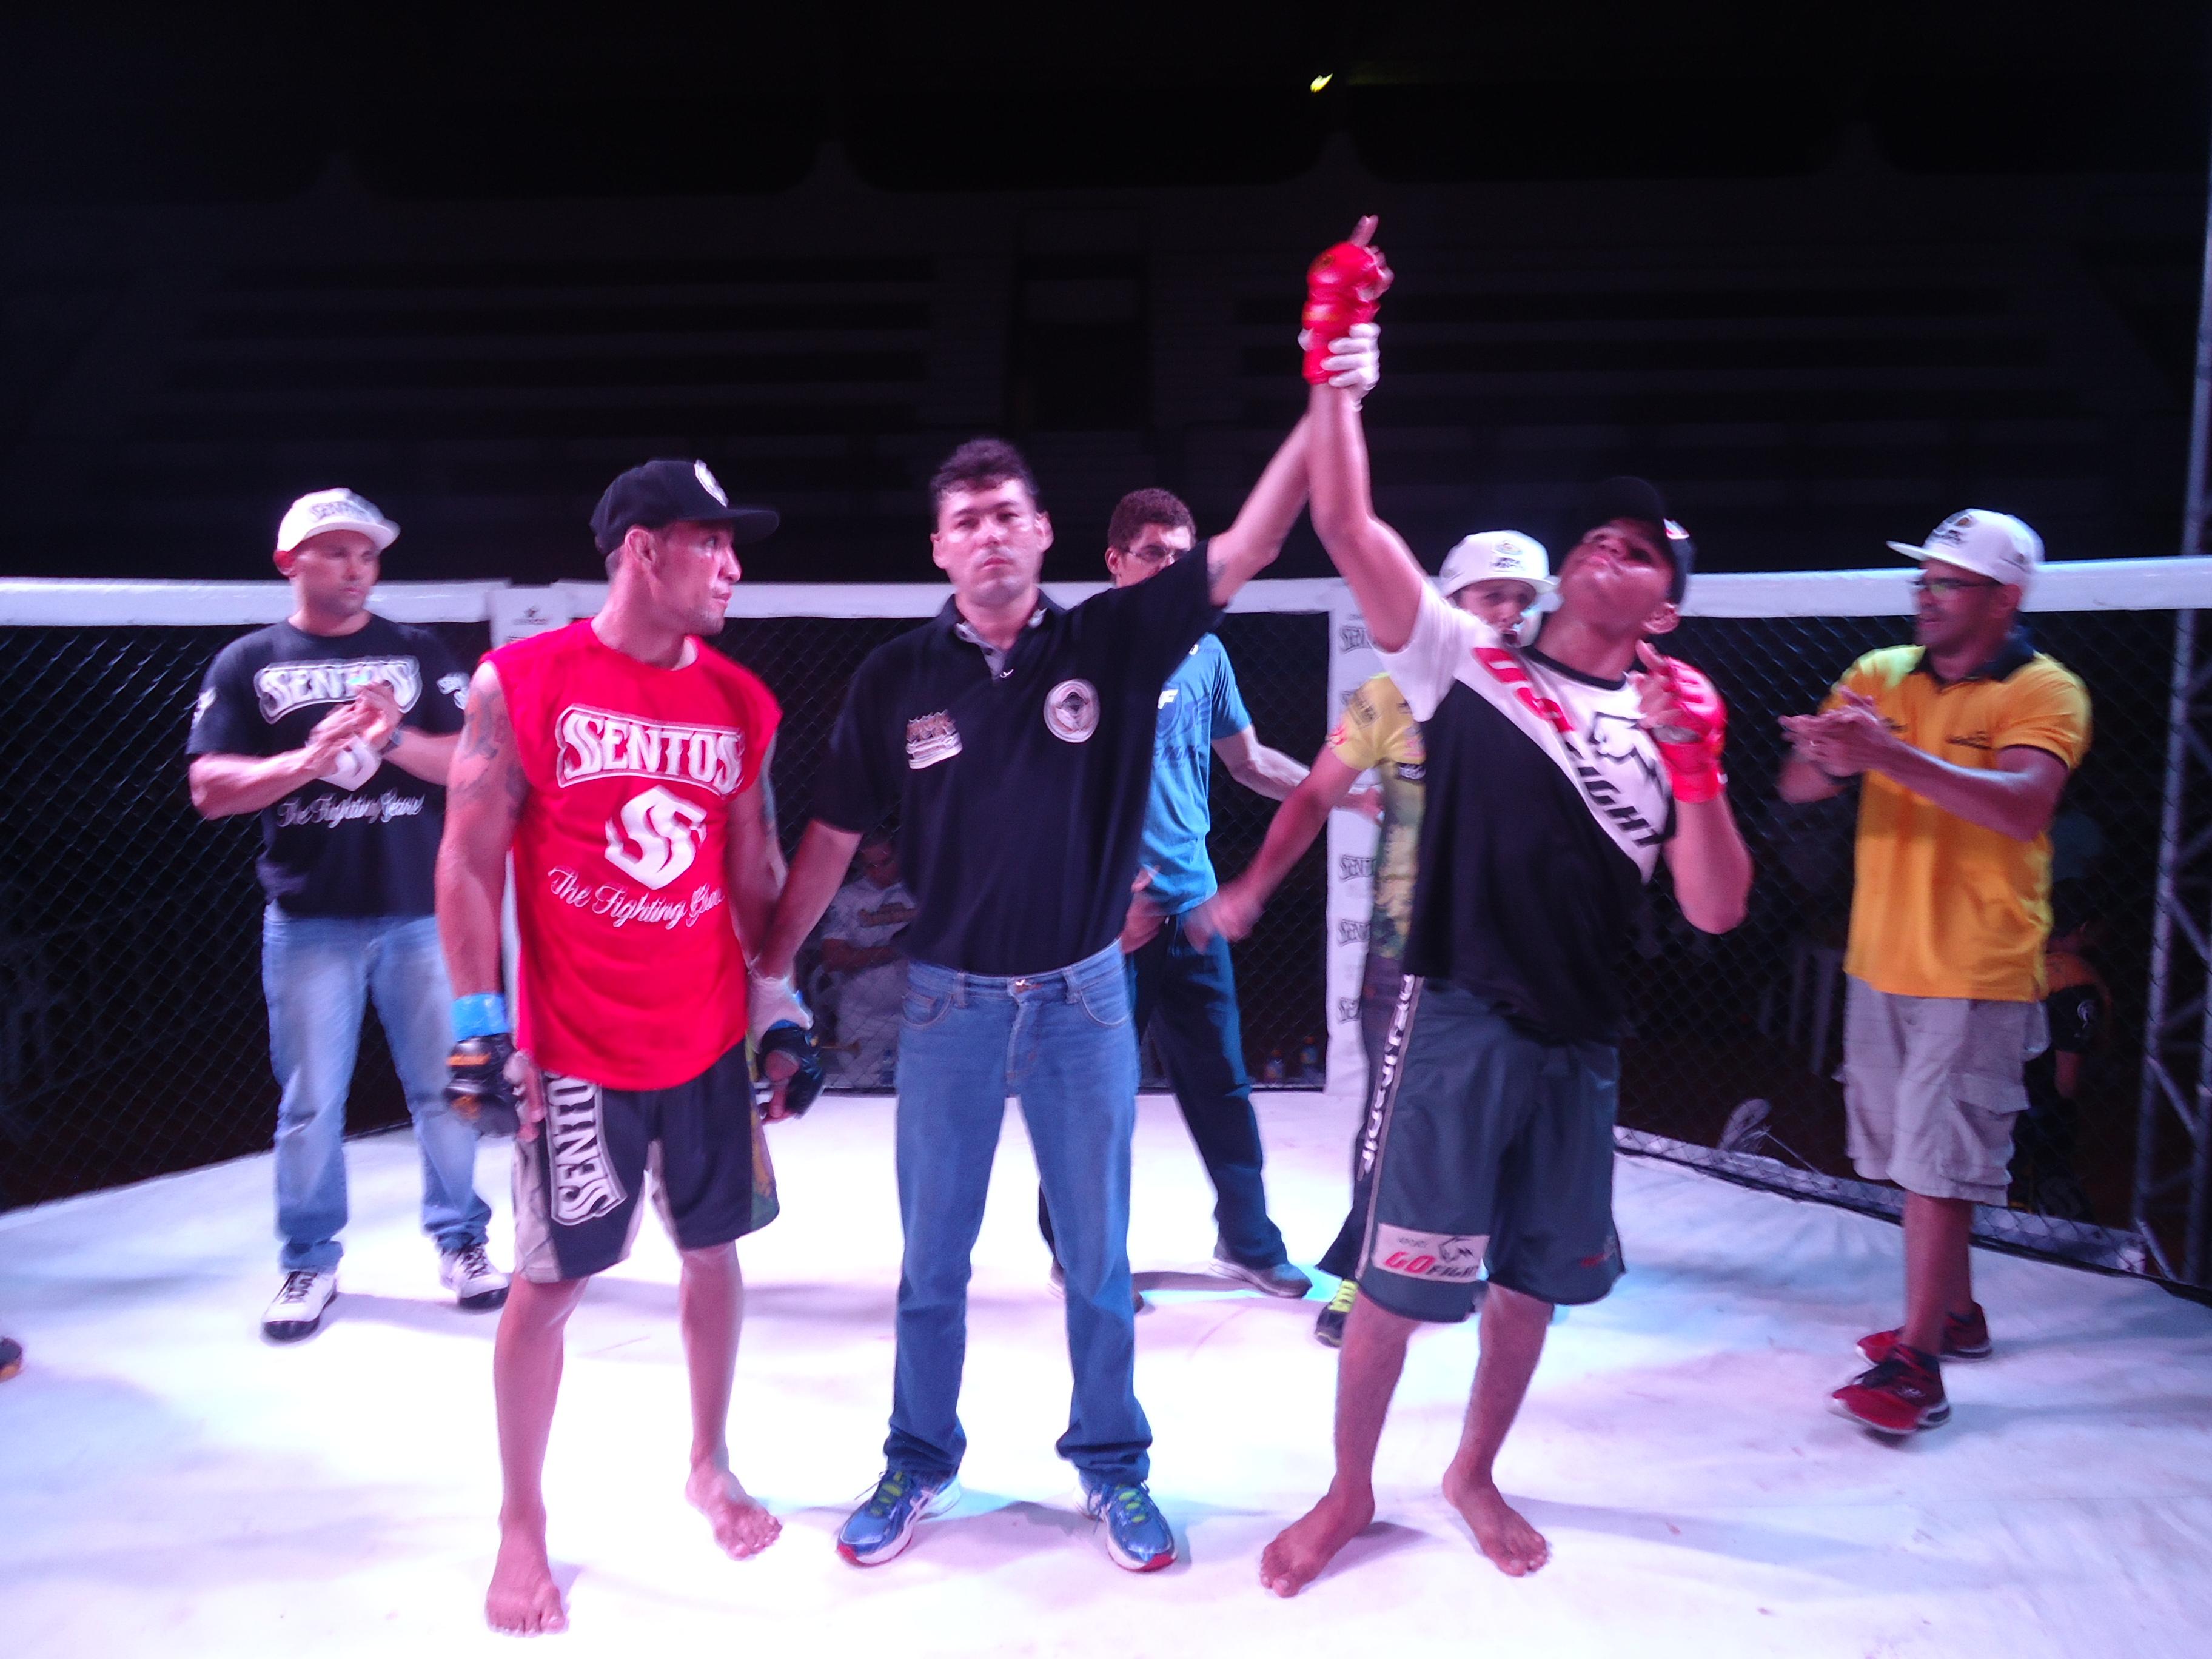 Com uma atuação segura, Eric venceu os três rounds contra Espartano. Fotos: Bruno Balacó/O POVO